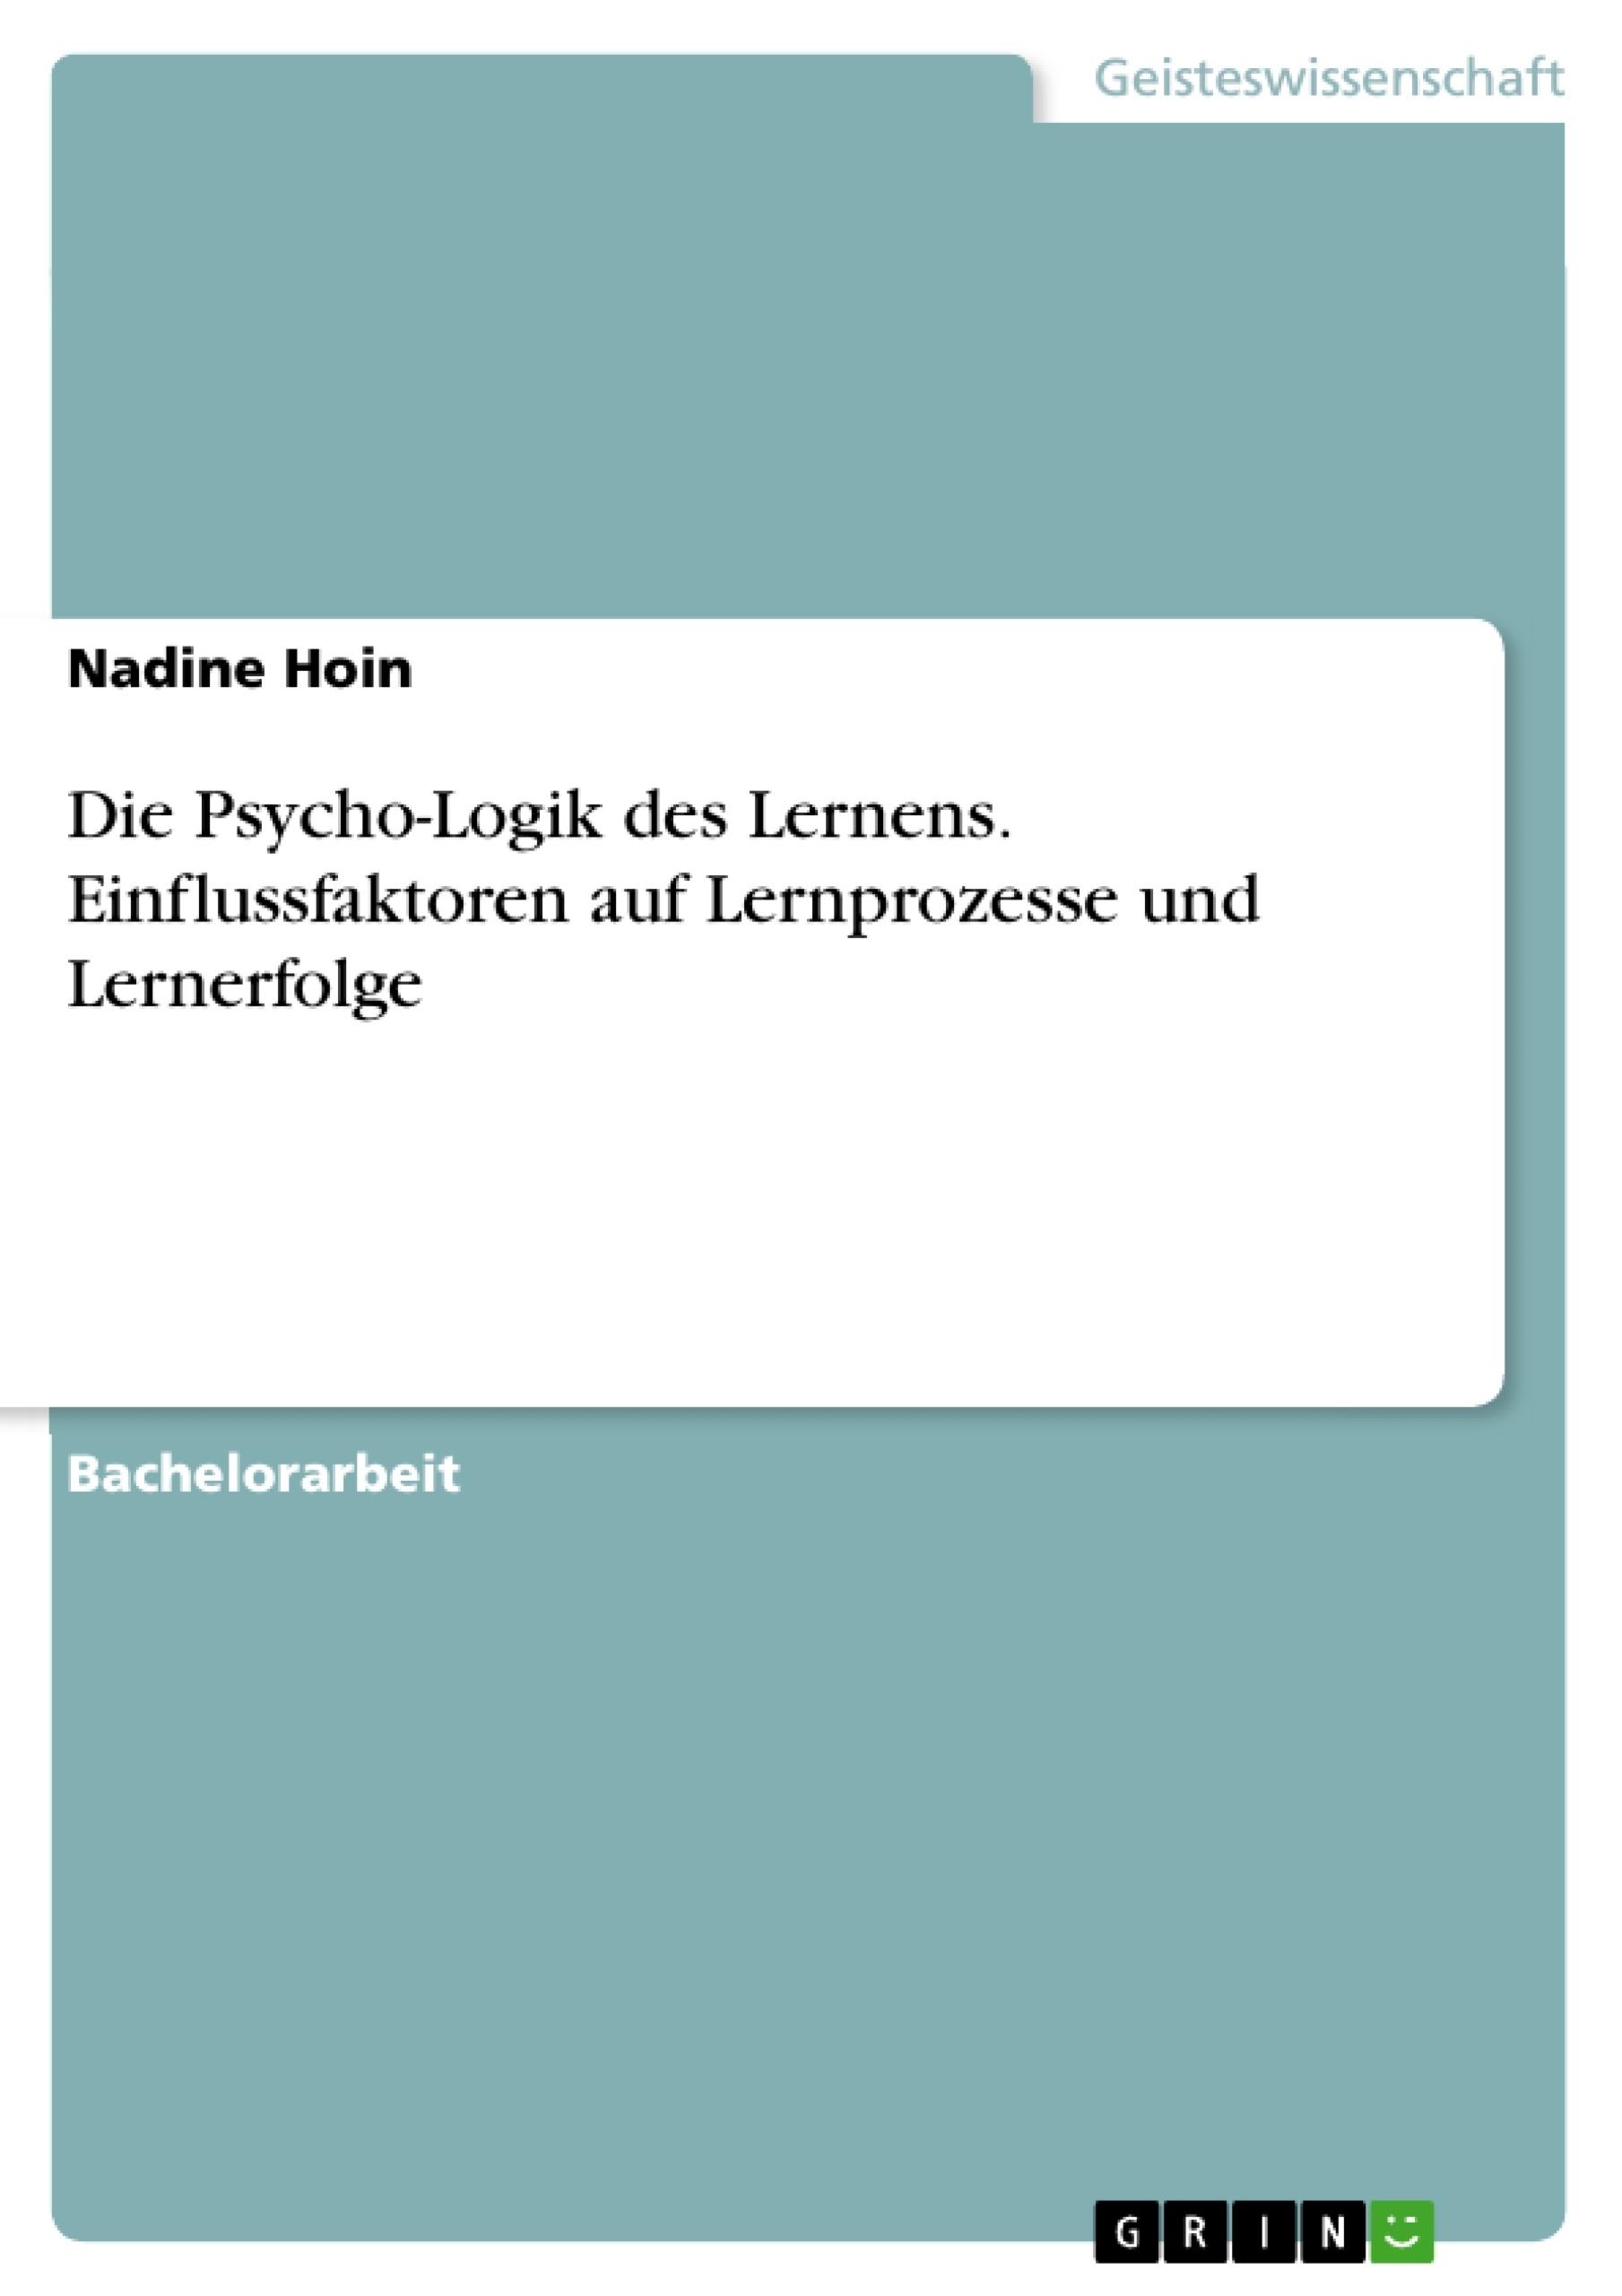 Titel: Die Psycho-Logik des Lernens. Einflussfaktoren auf Lernprozesse und Lernerfolge